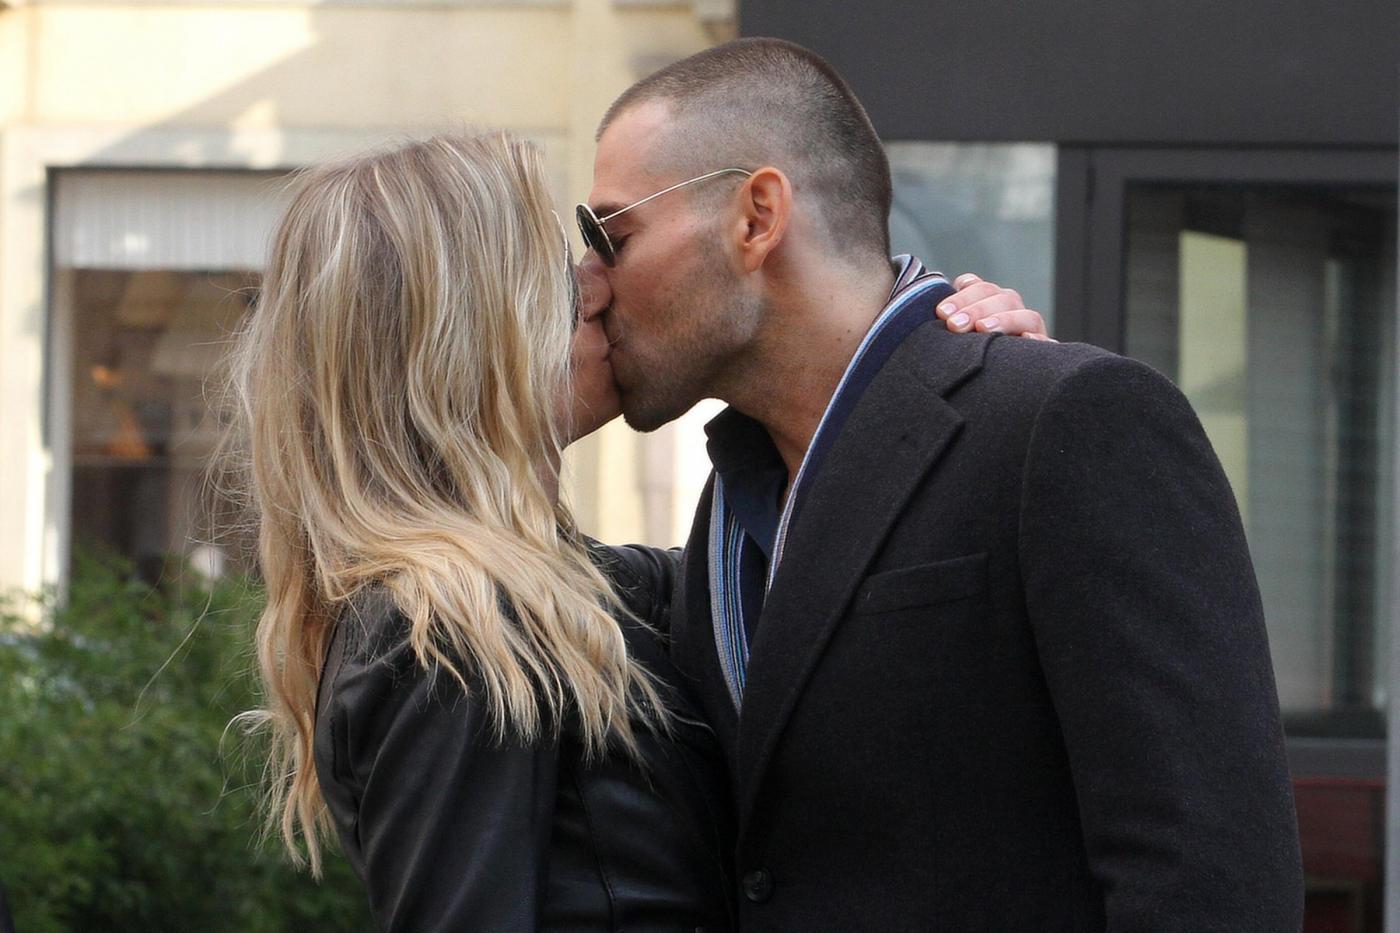 Simone Giancola e Veridiana Mallmann: bacio appassionato a Milano02